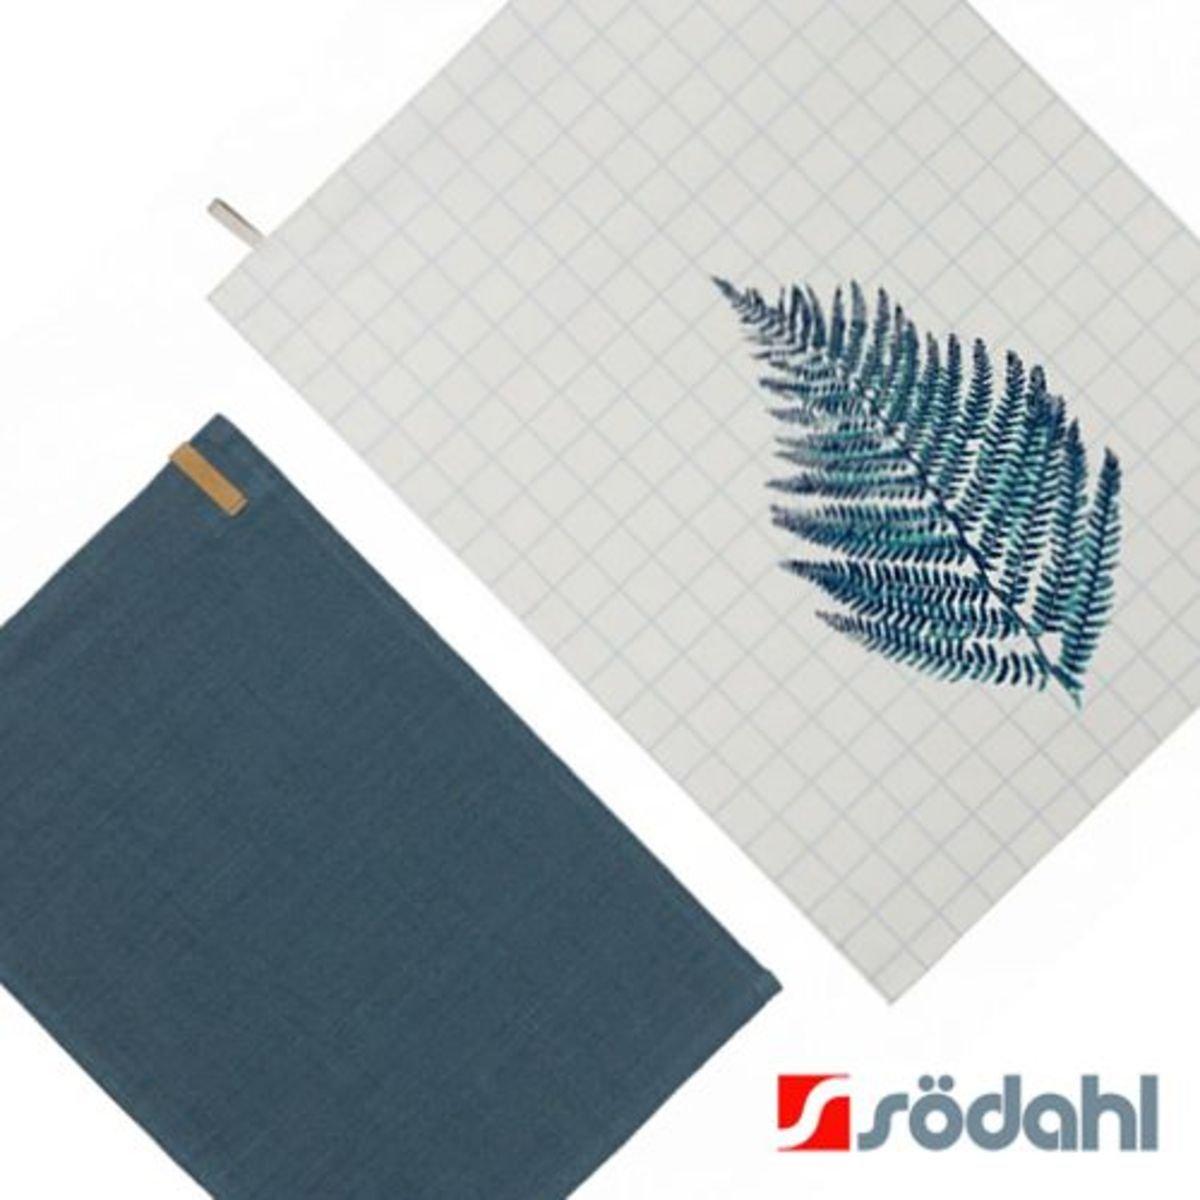 """餐桌套裝""""Casual""""簡約餐墊+夏蕨系列餐巾, 藍"""